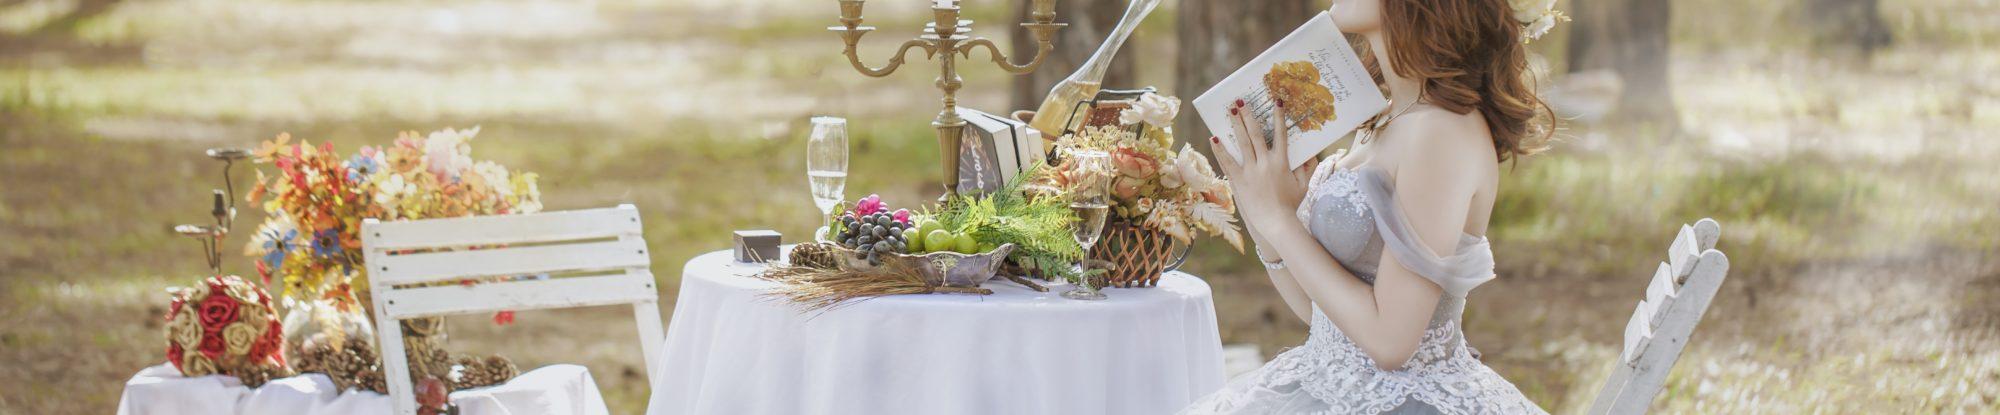 weddings-2784455